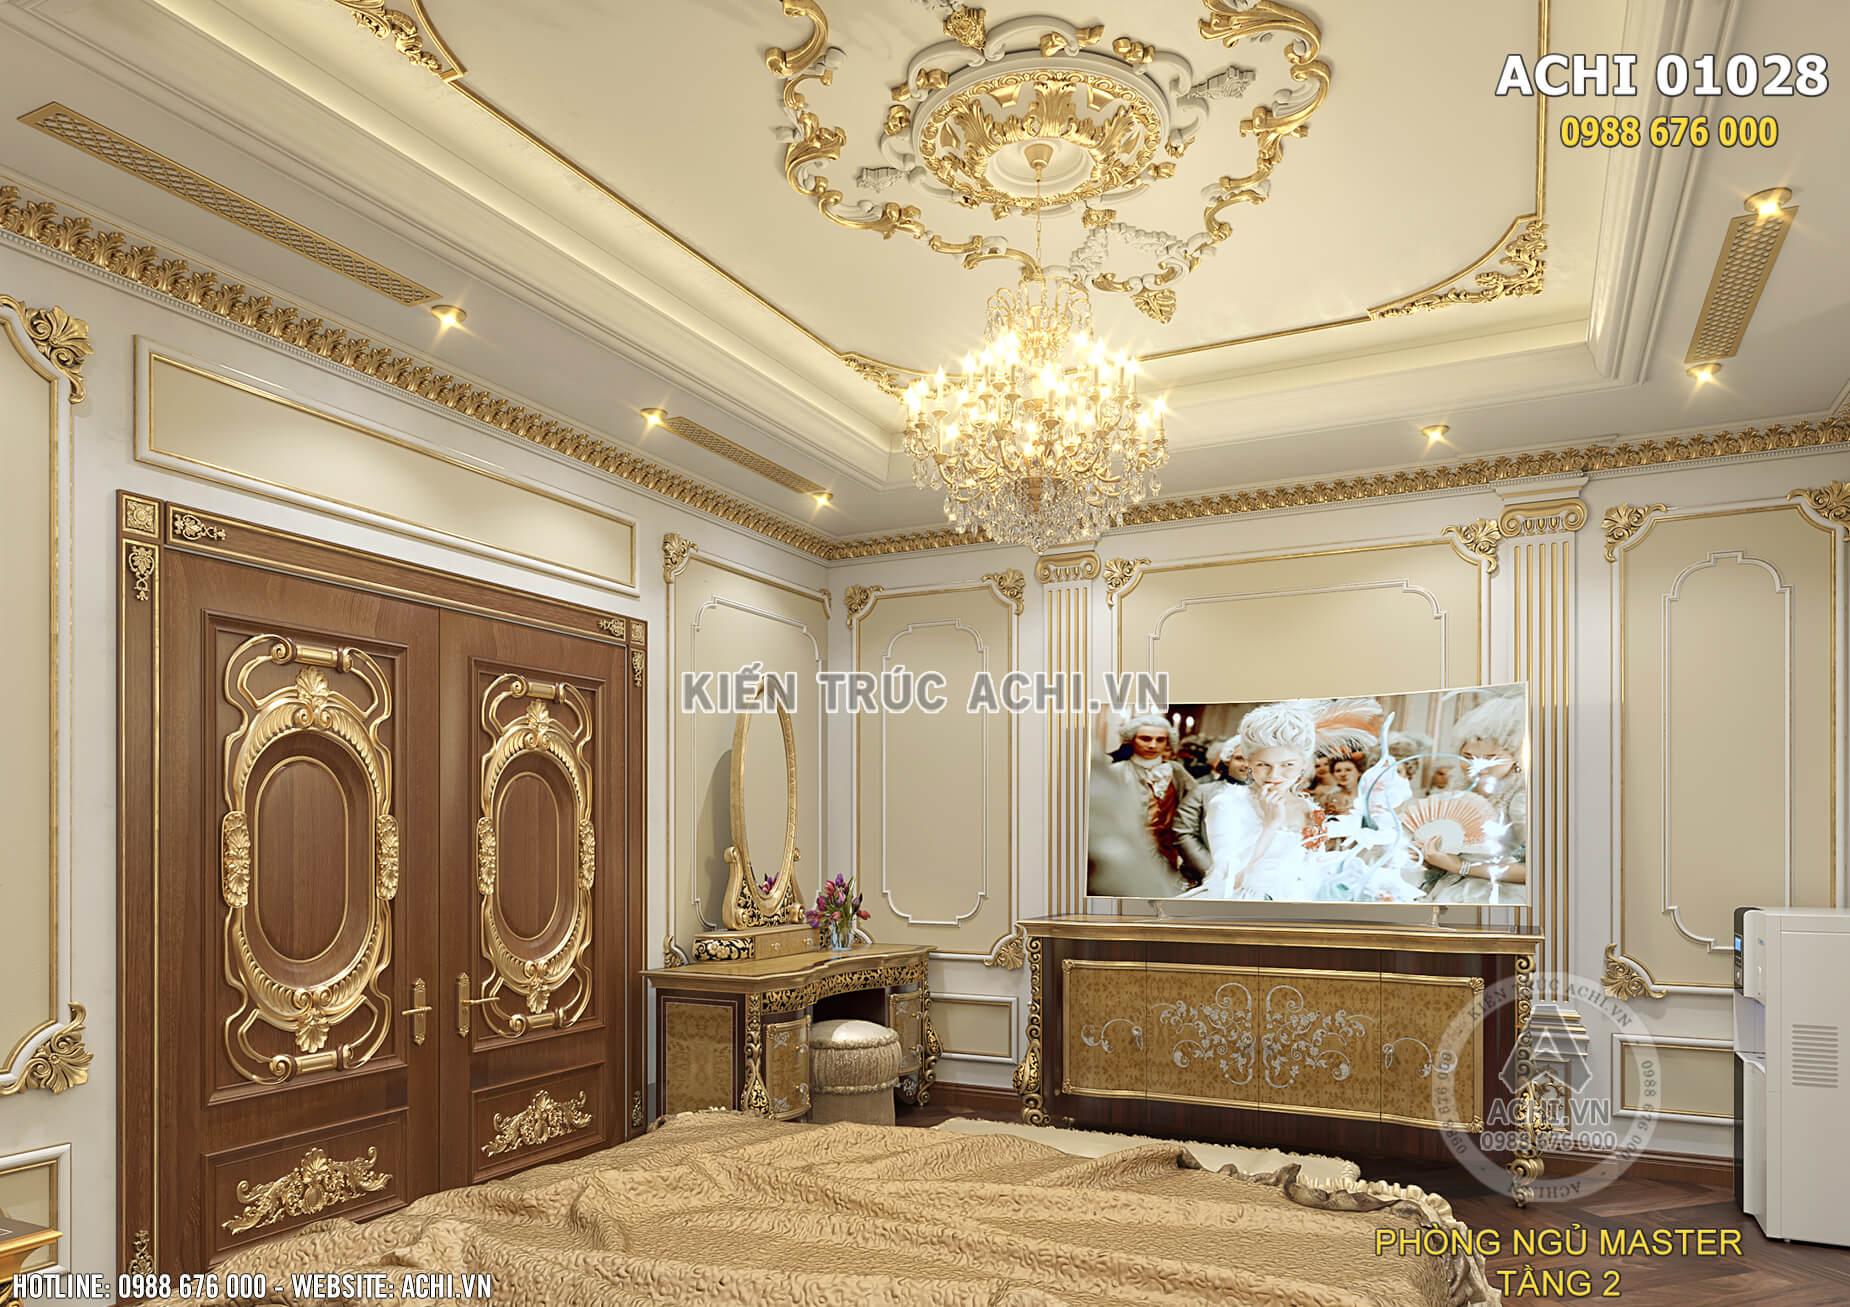 Không gian nội thất phòng ngủ đẹp sang trọng và ấm cúng